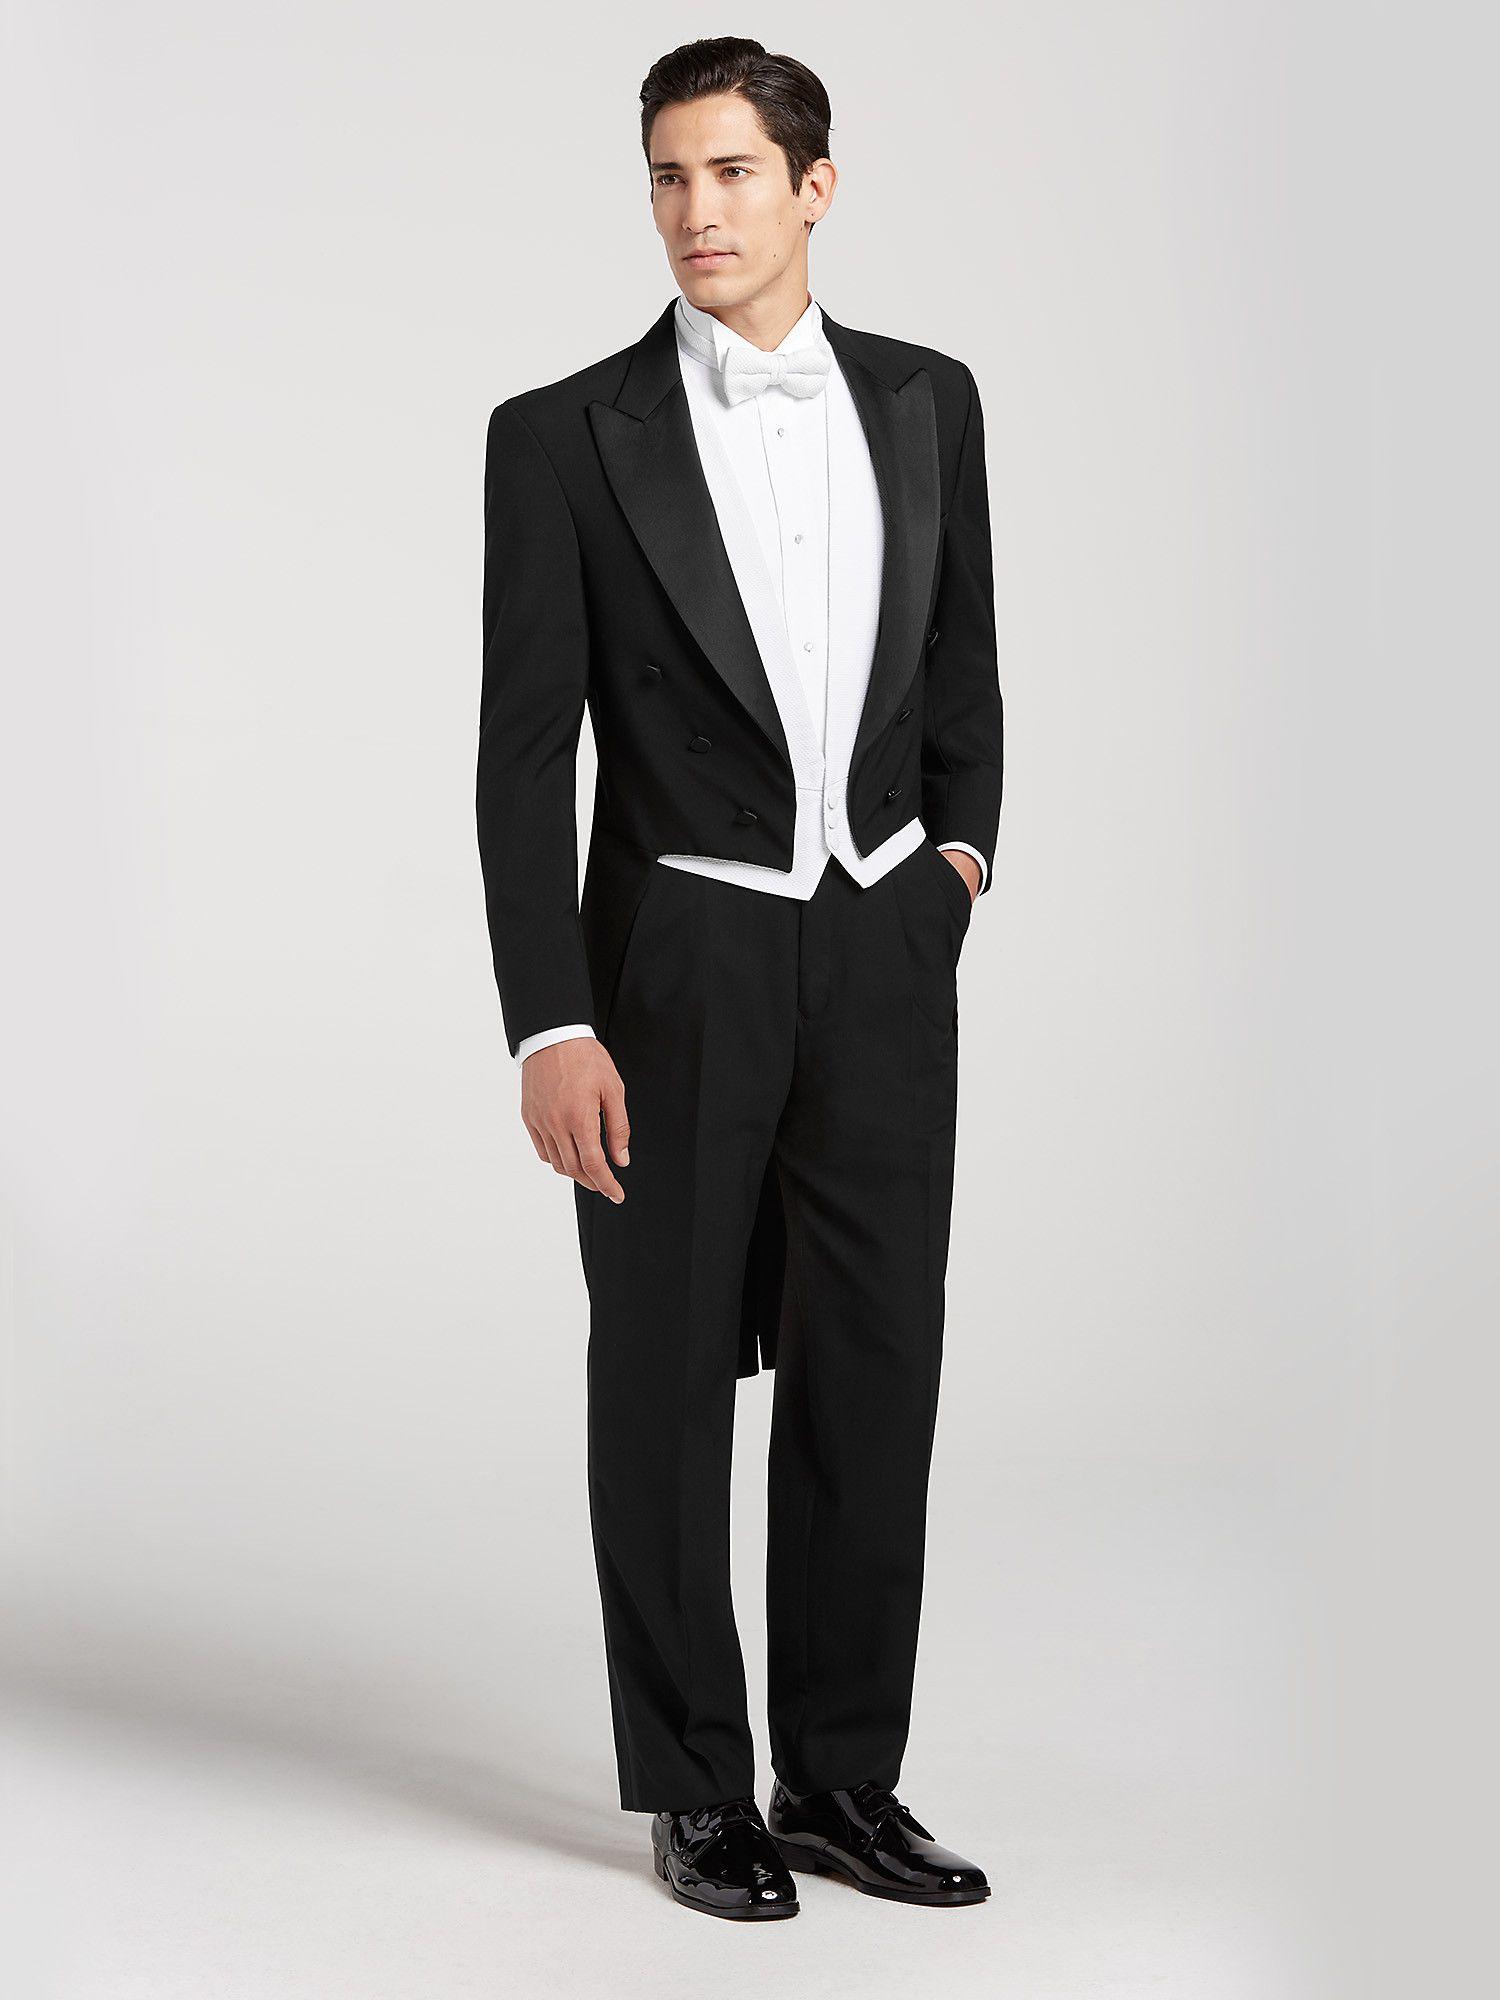 Joseph & Feiss Black Full Dress Tailcoat Tux in 2020